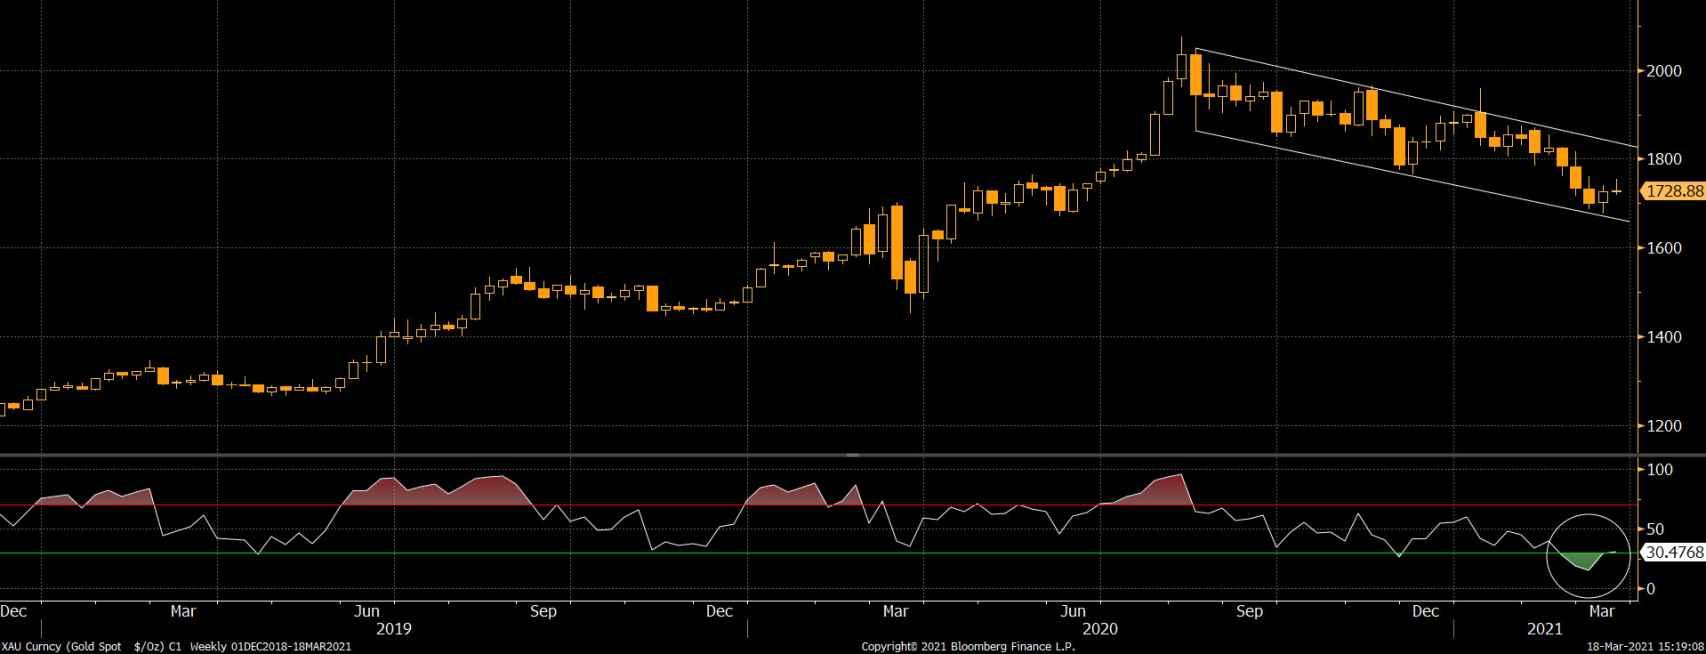 Los precios al contado del oro (en dólares) han rebotado desde un nivel de soporte crítico.